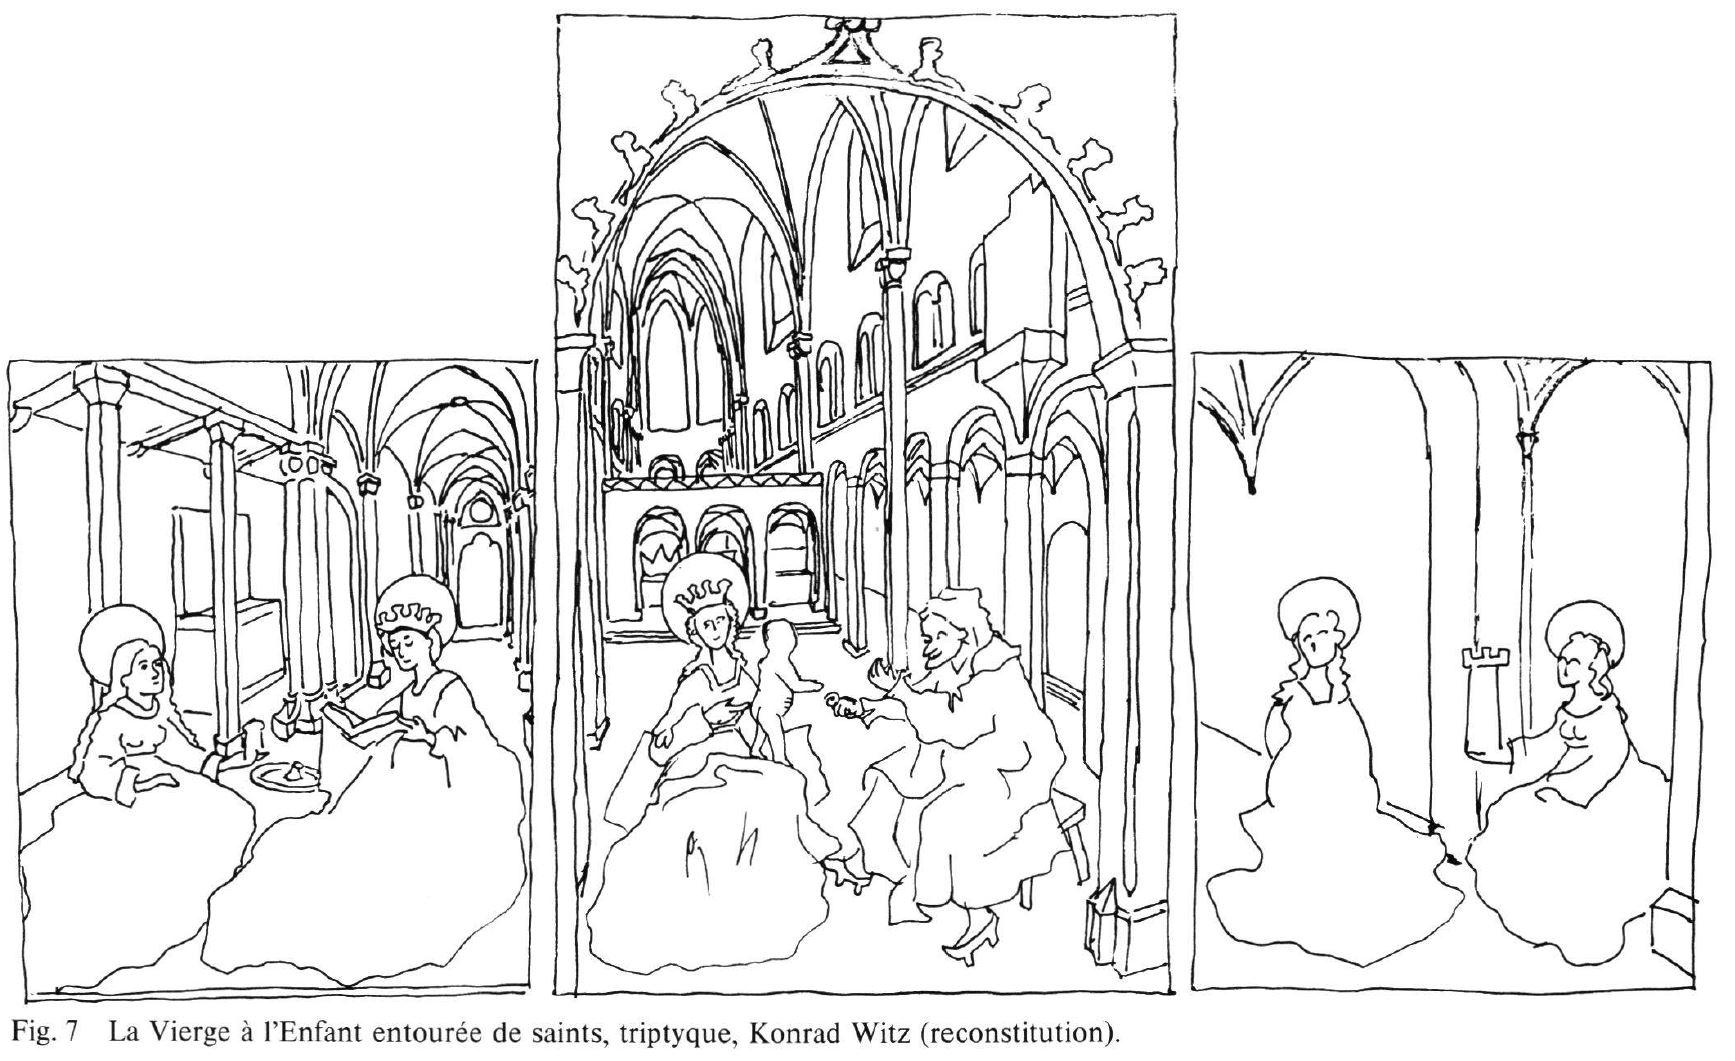 Konrad_Witz_Se Marie Madeleine et Ste Catherine Musee Oeuvre Strasbourg reconstution Wirth